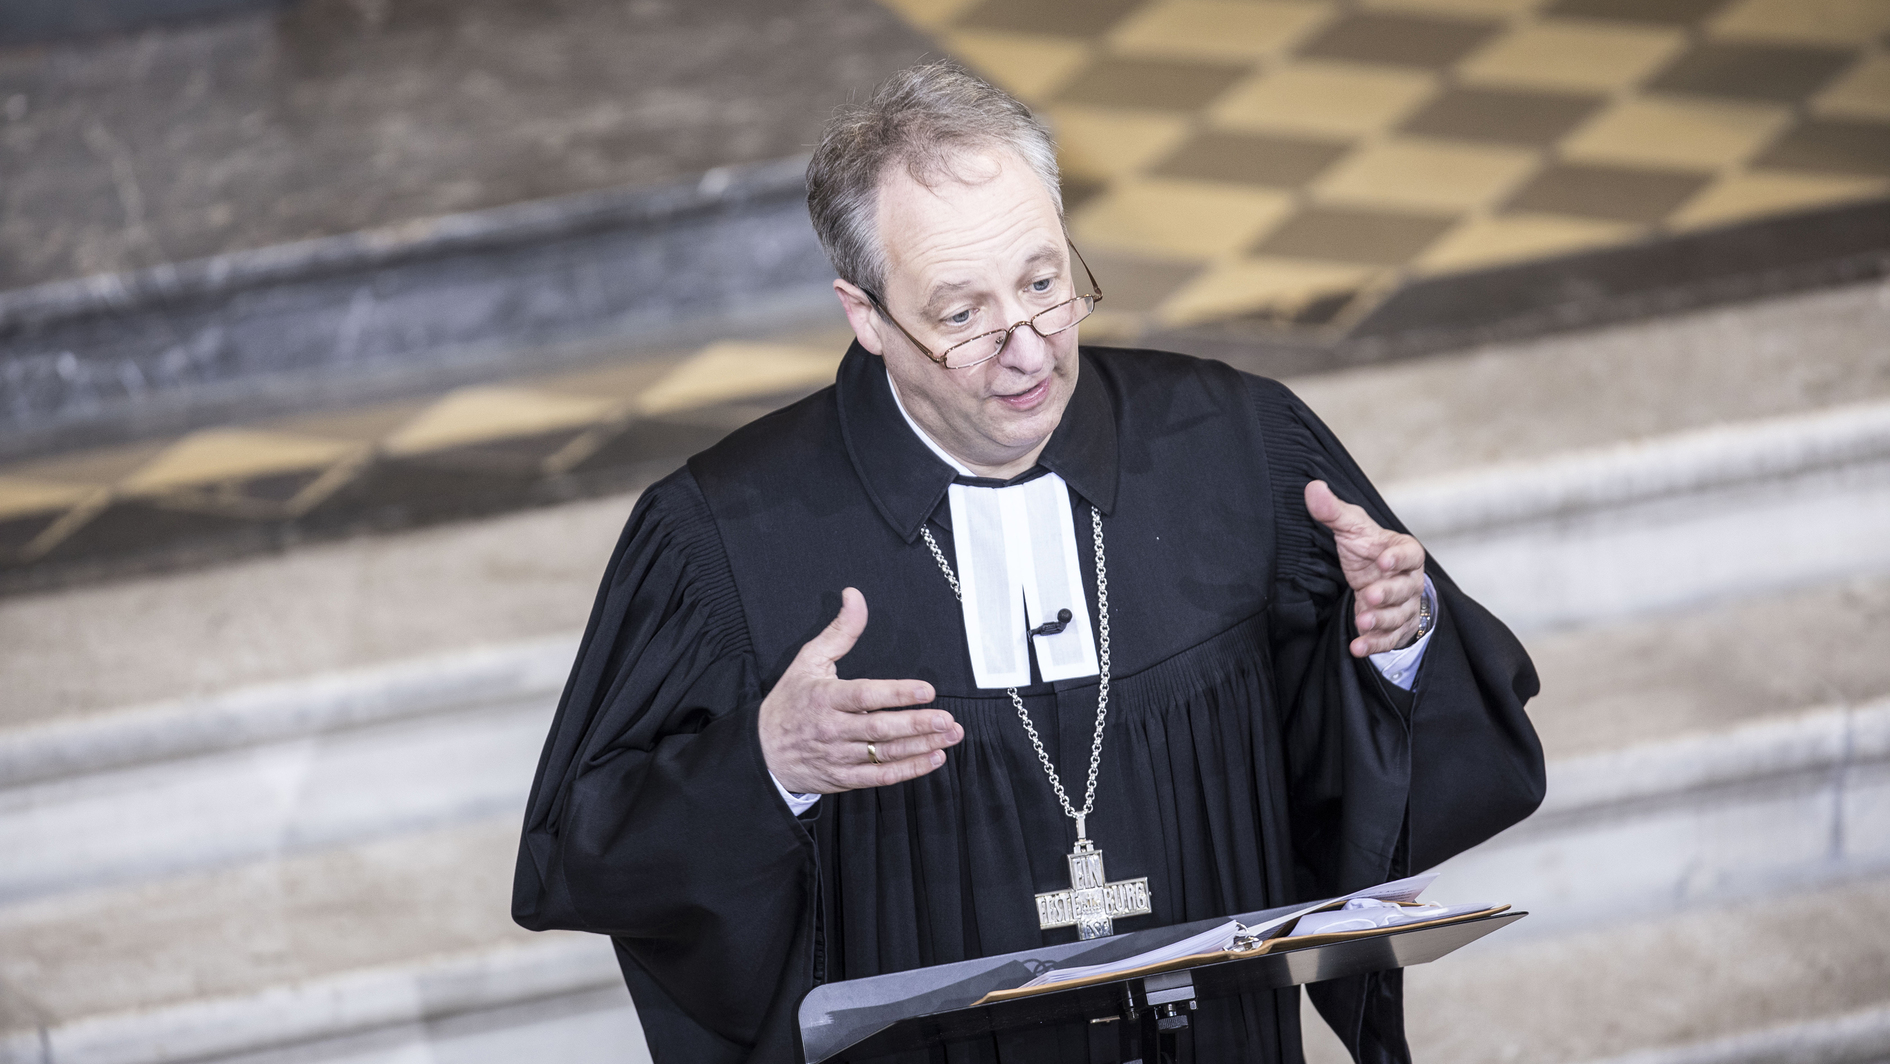 Слово епископа на торжестве закладки краеугольного камня Дома Единого